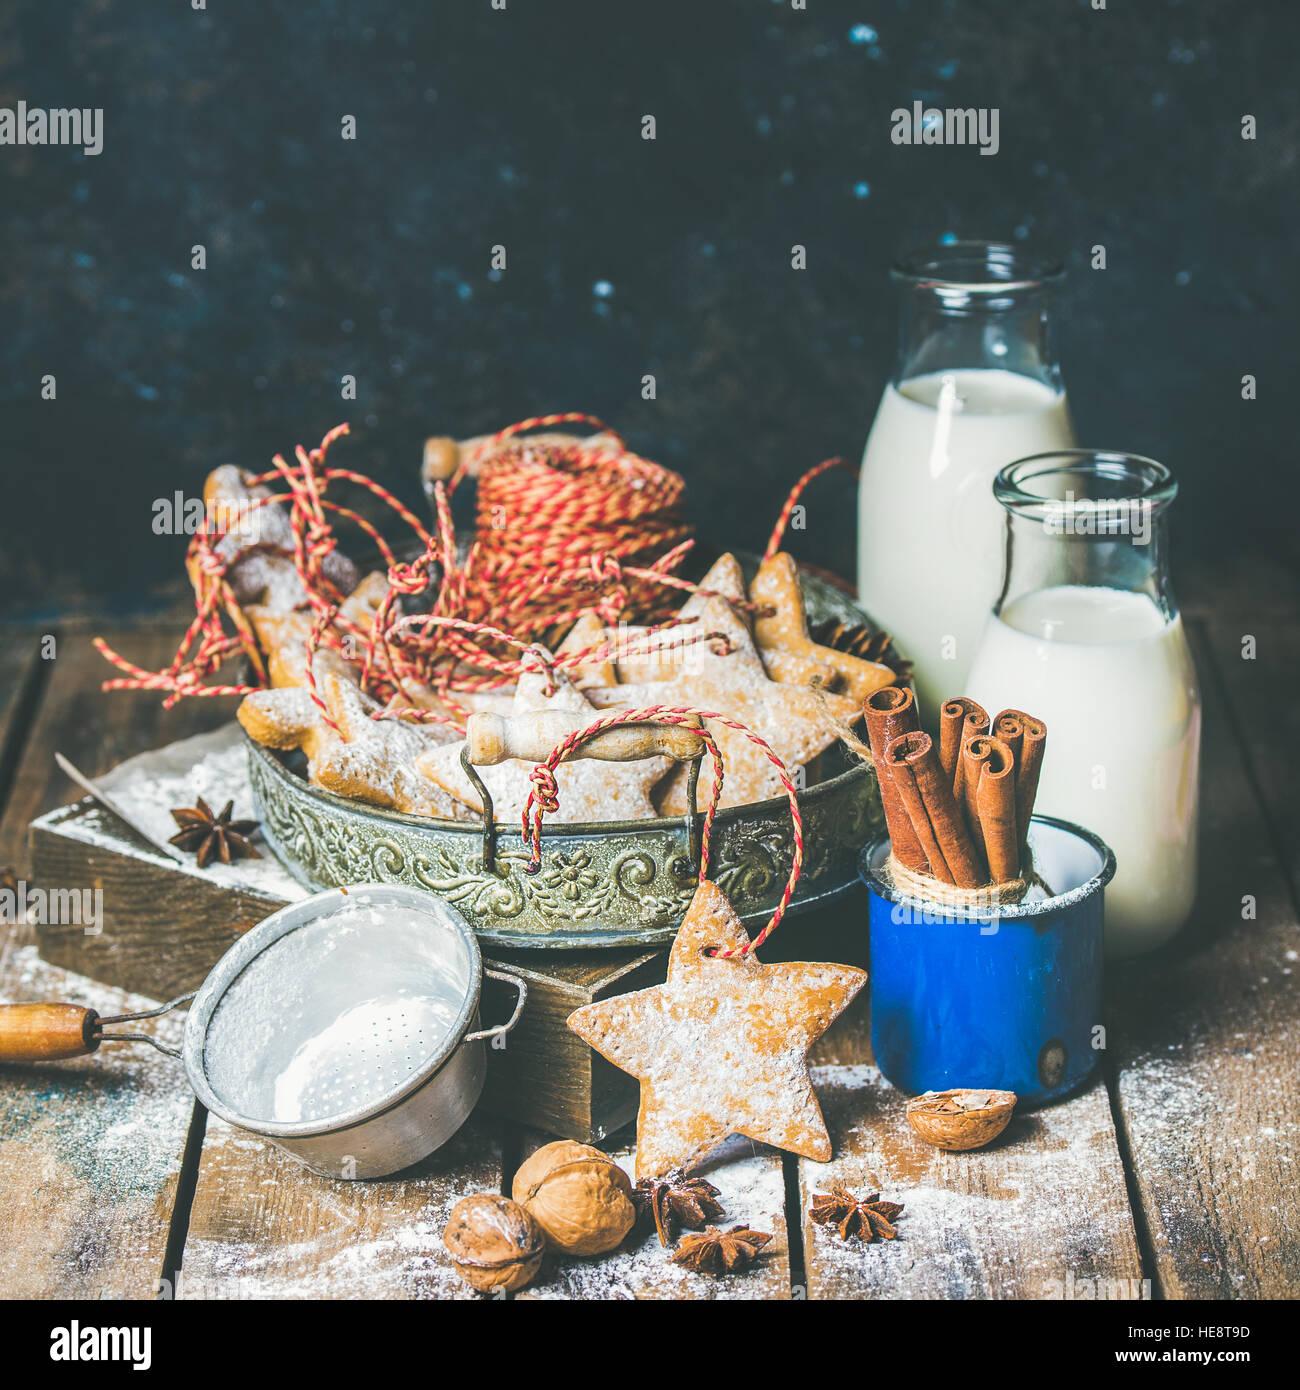 Fiestas Navideñas galletas de jengibre en bandeja vintage, leche en botellas Imagen De Stock